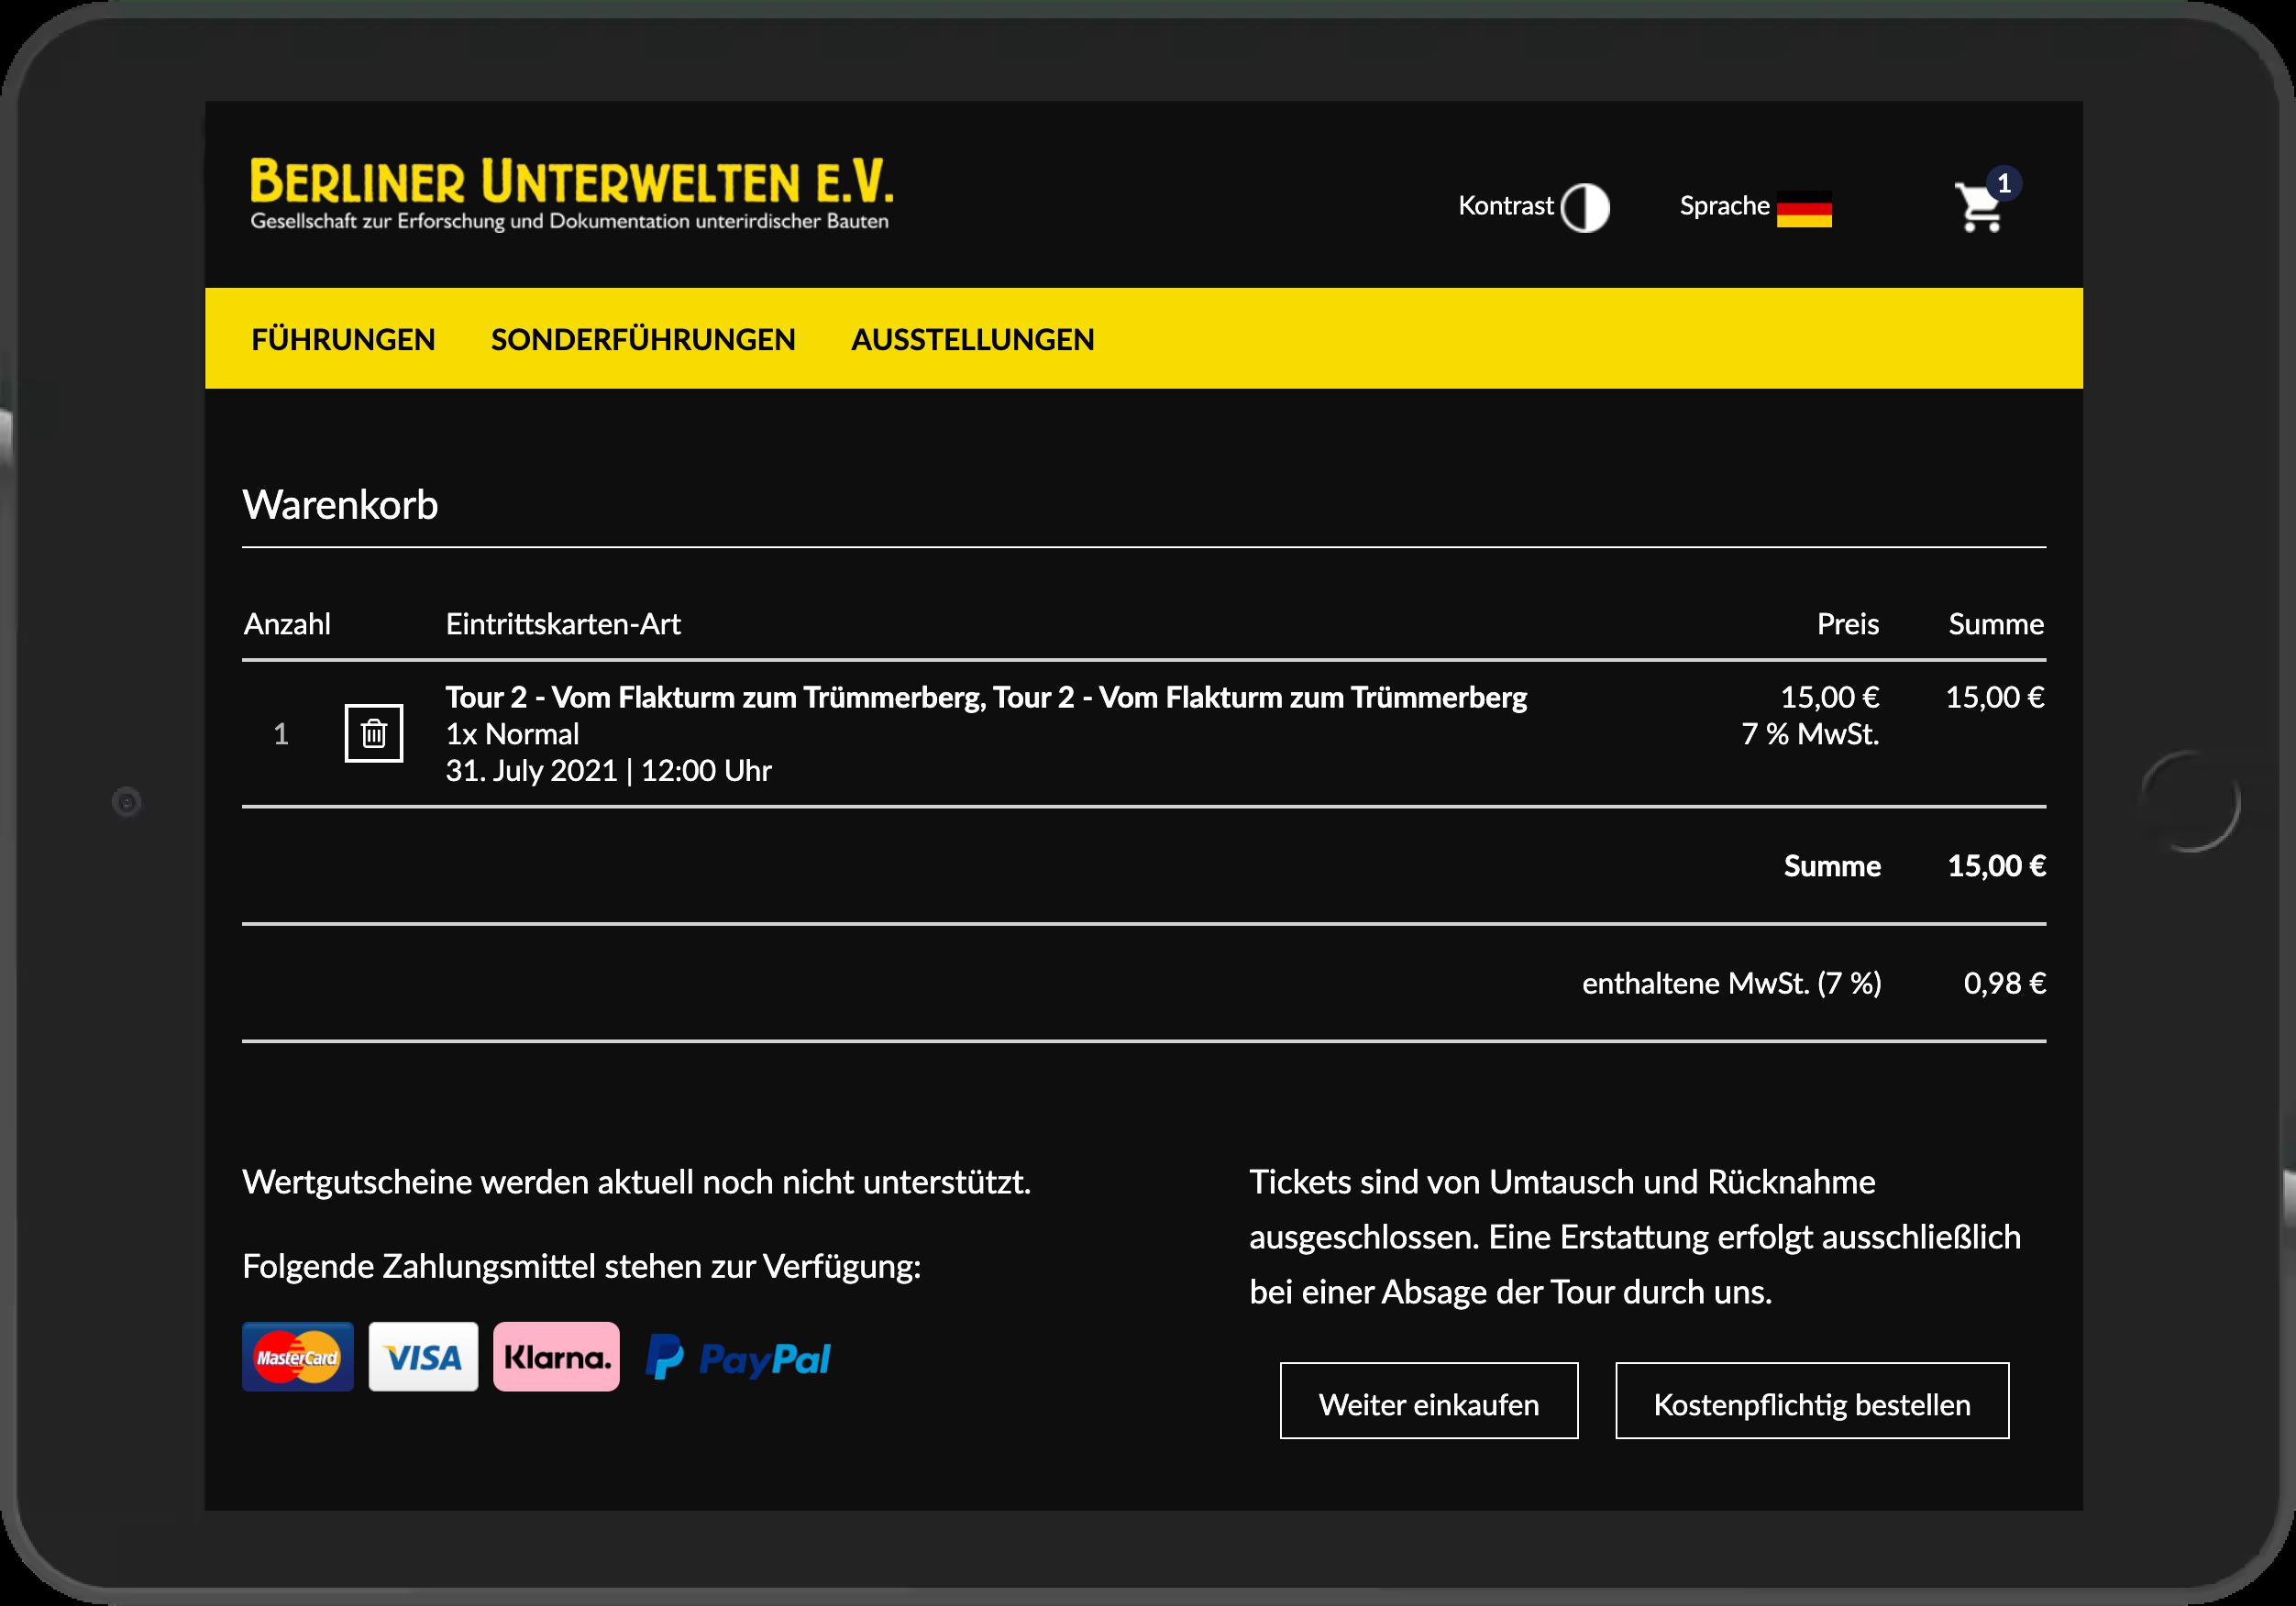 Screenshot des Warenkorbs des Online-Shops der Berliner Unterwelten